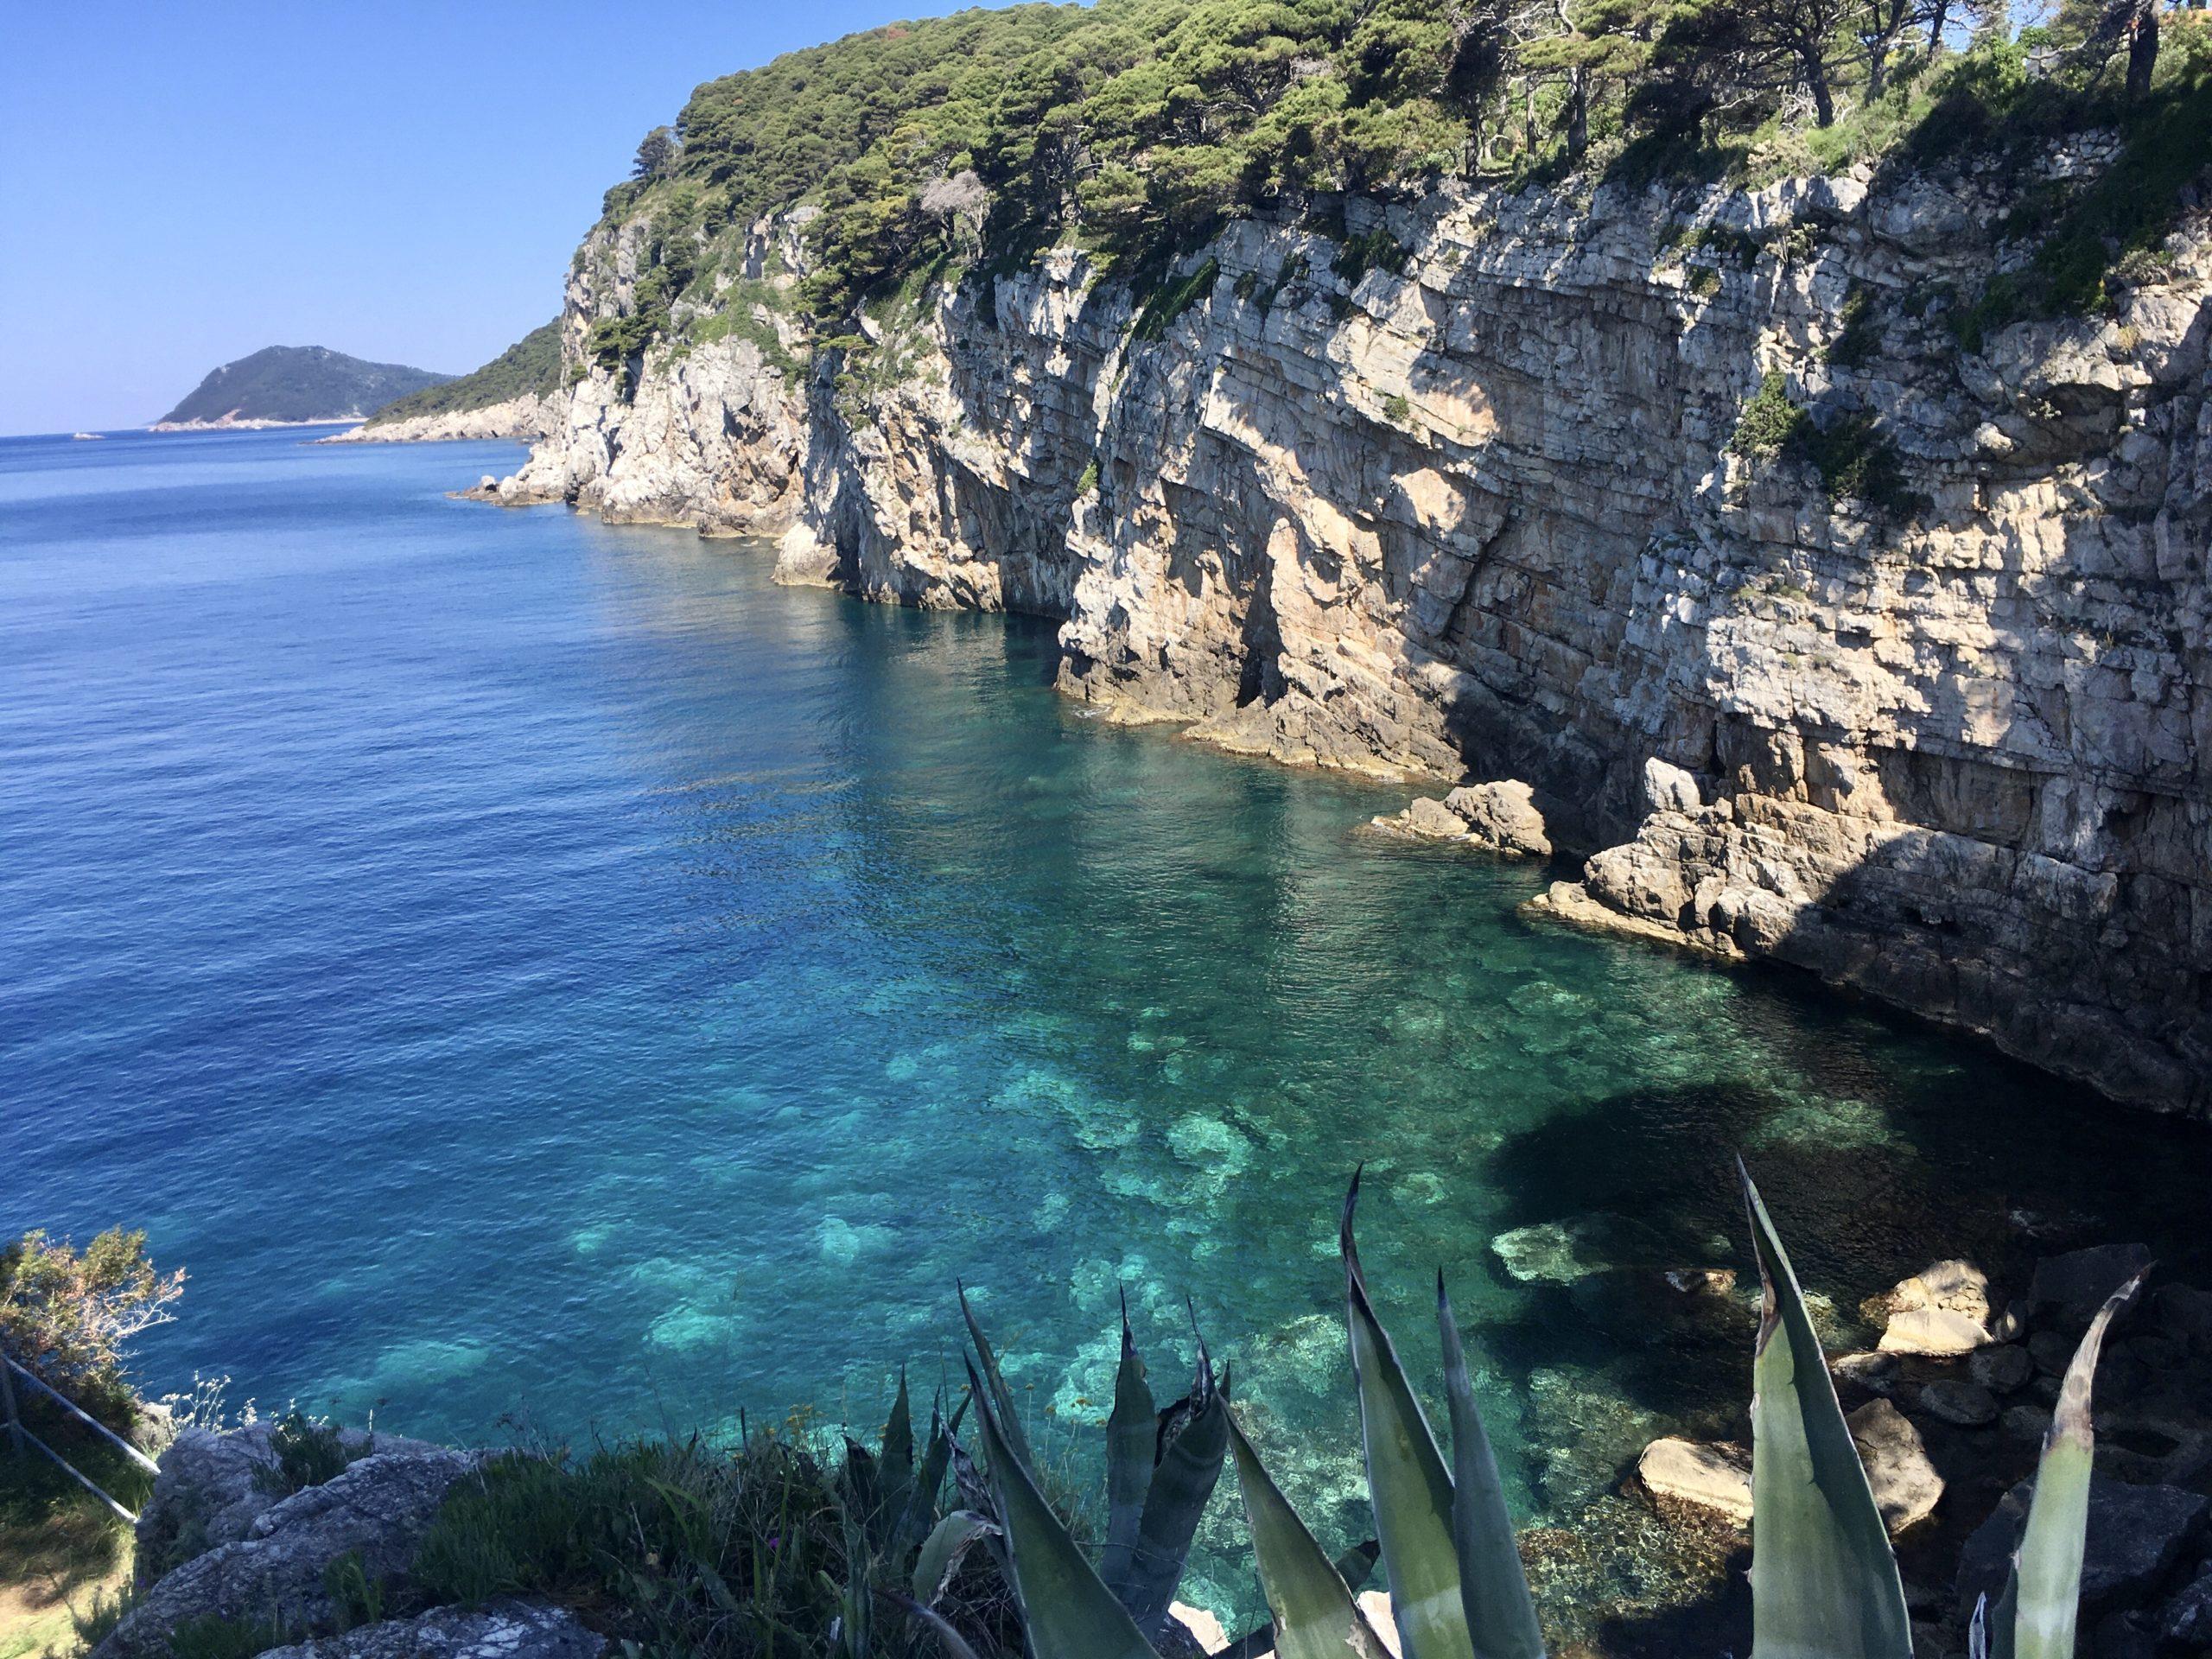 Chorwackie wybrzeże jest często klifowe